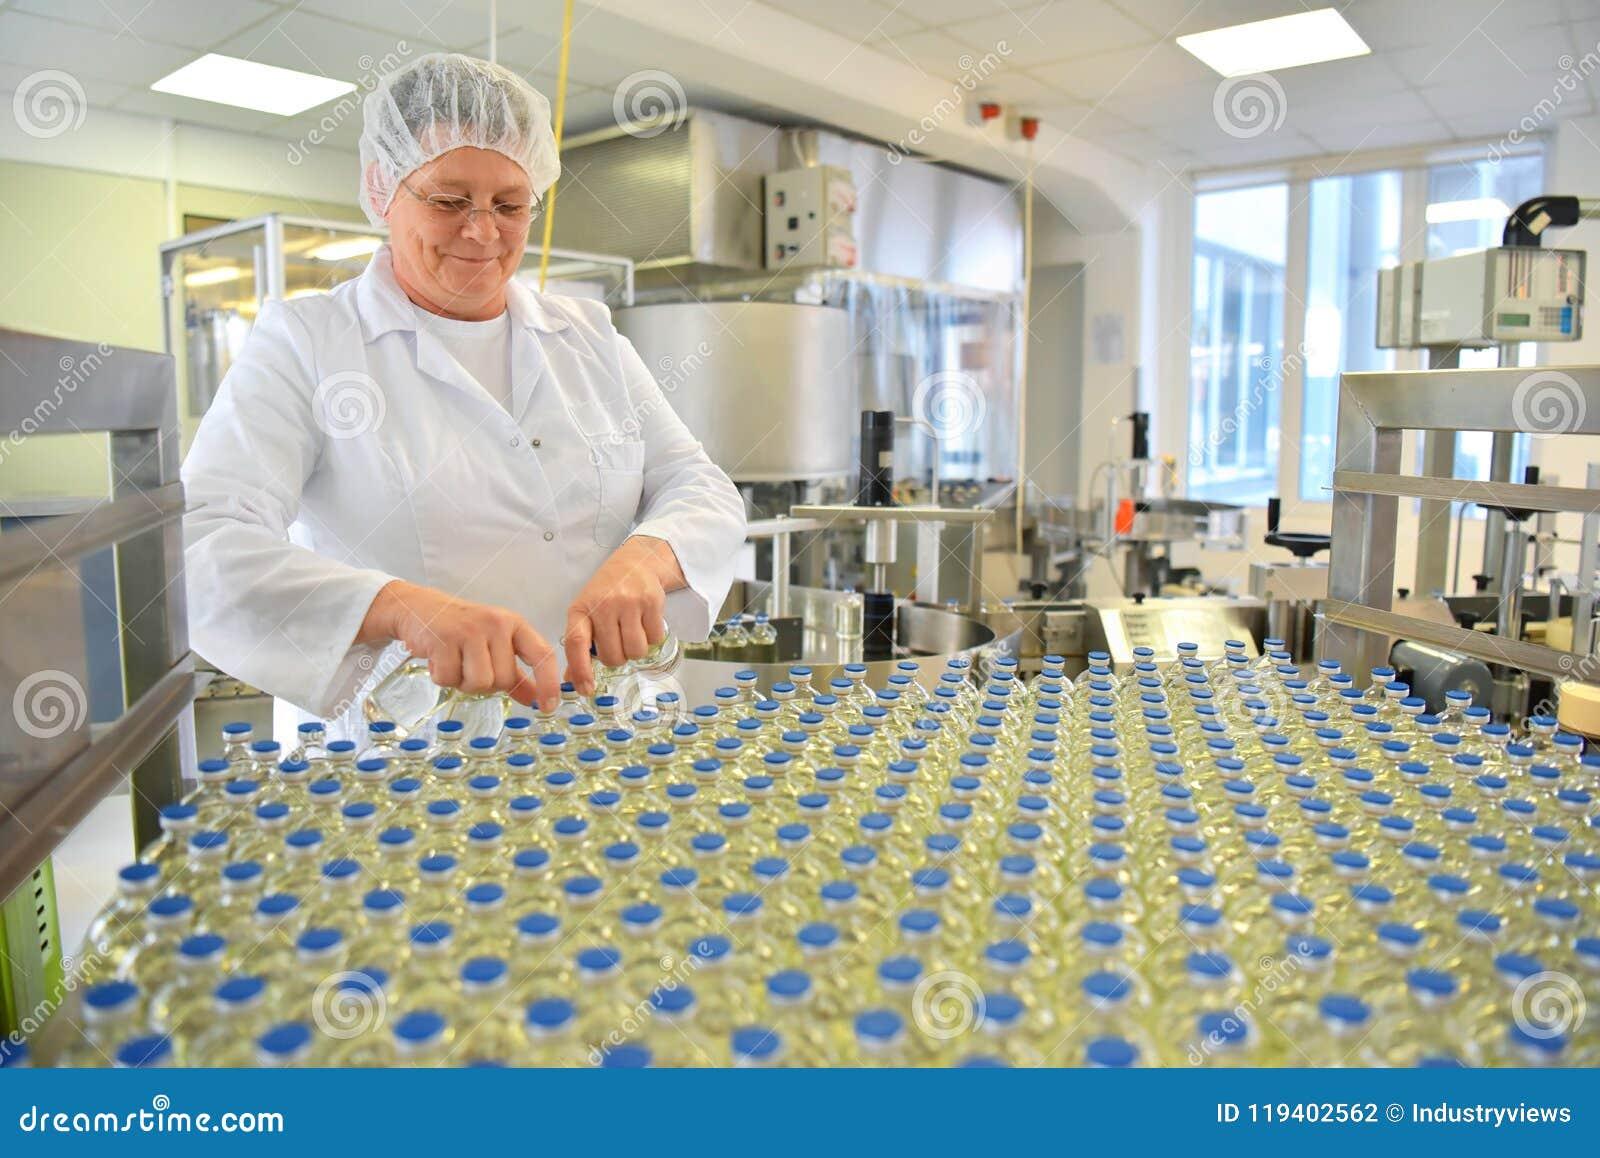 Produktion und Füllen von Drogen in einem pharmazeutischen Fördererbel